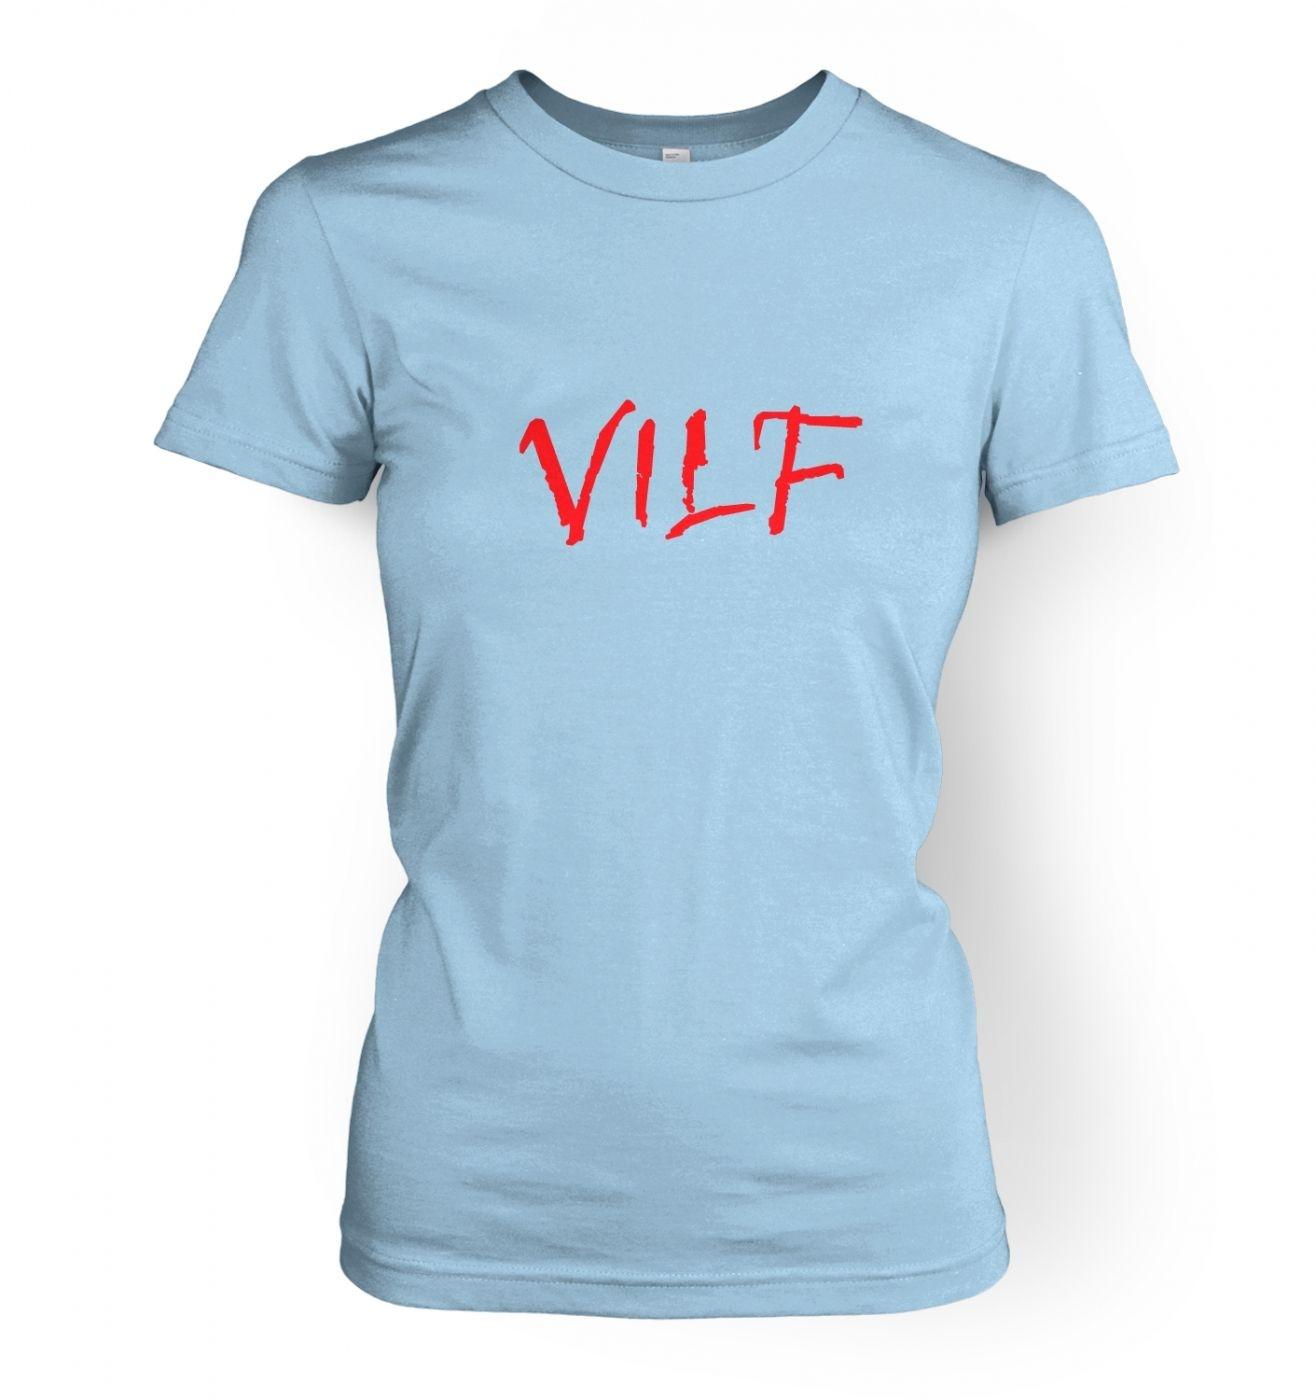 Women's VILF t-shirt